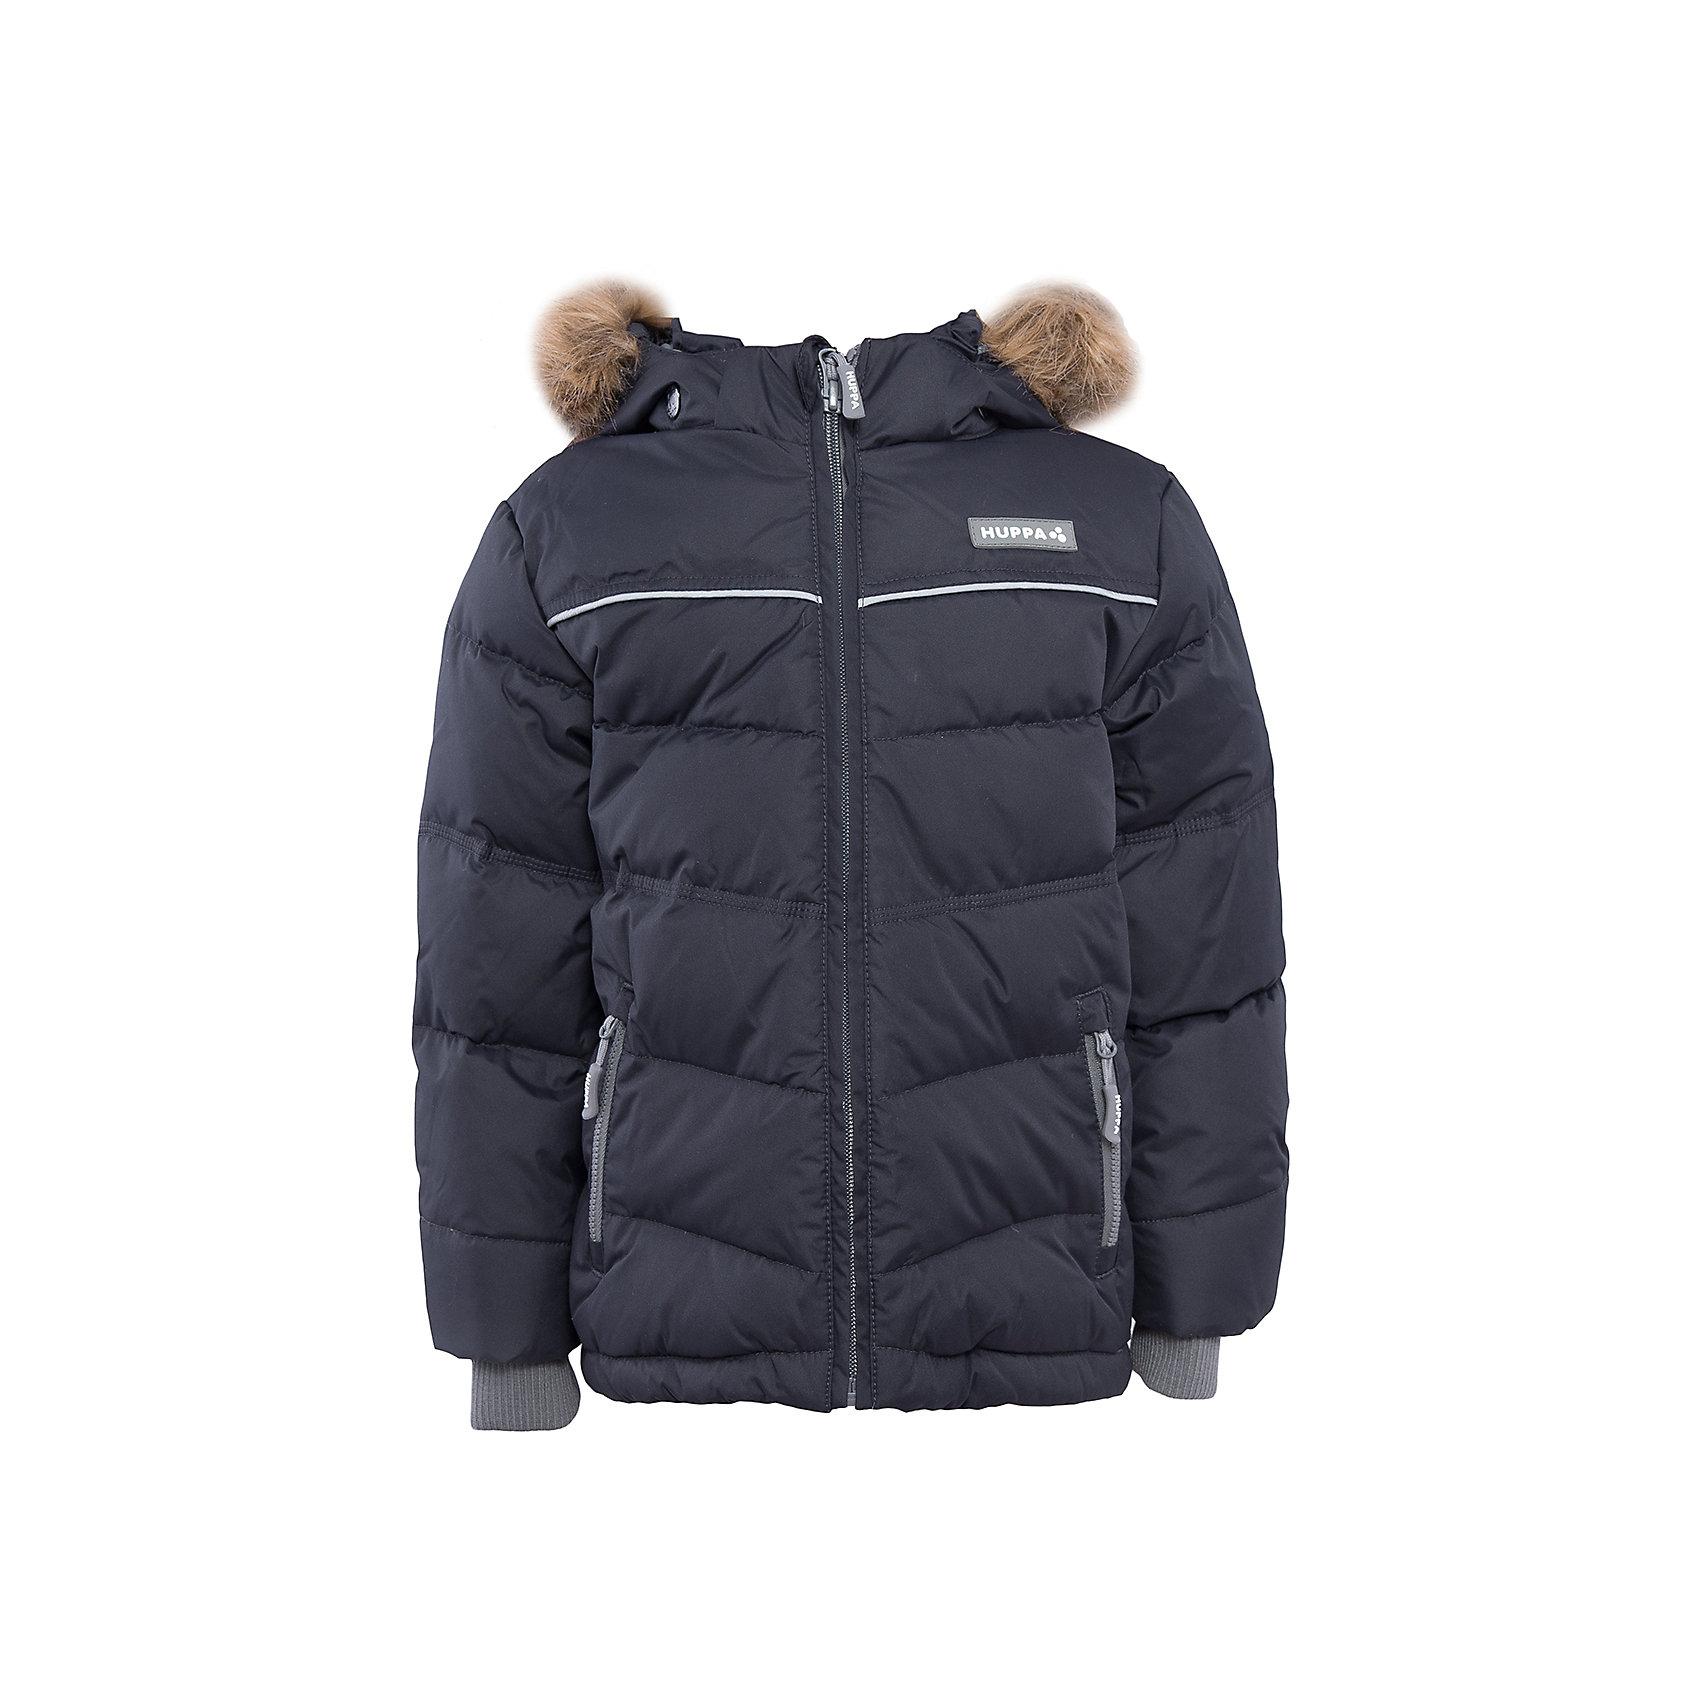 Куртка для мальчика HuppaЗимние куртки<br>Утепленная куртка MOODY Huppa(Хуппа).<br><br>Утеплитель: 50% пух, 50% перо.<br><br>Температурный режим: до -30 градусов. Степень утепления – высокая. <br><br>* Температурный режим указан приблизительно — необходимо, прежде всего, ориентироваться на ощущения ребенка. Температурный режим работает в случае соблюдения правила многослойности – использования флисовой поддевы и термобелья.<br><br>Очень теплая и отвечает всем требованиям качества. Плотная мембрана не даст холодному воздуху и воде попасть под одежду и поможет вывести лишнюю влагу. Куртка застегивается на молнию, имеет светоотражающие полоски, вместительные карманы и большой капюшон. Отдельные вязаные манжеты предотвратят попадание снега внутрь. В этой куртке мальчику, несомненно, будет тепло и комфортно!<br><br>Дополнительная информация:<br>Материал: 100% полиэстер<br>Подкладка: тафта - 100% полиэстер<br>Цвет: серый<br><br>Вы можете приобрести куртку MOODY Huppa(Хуппа) в нашем интернет-магазине.<br><br>Ширина мм: 356<br>Глубина мм: 10<br>Высота мм: 245<br>Вес г: 519<br>Цвет: серый<br>Возраст от месяцев: 144<br>Возраст до месяцев: 156<br>Пол: Мужской<br>Возраст: Детский<br>Размер: 158,152,116,98,104,110,122,128,134,140,146<br>SKU: 4928191